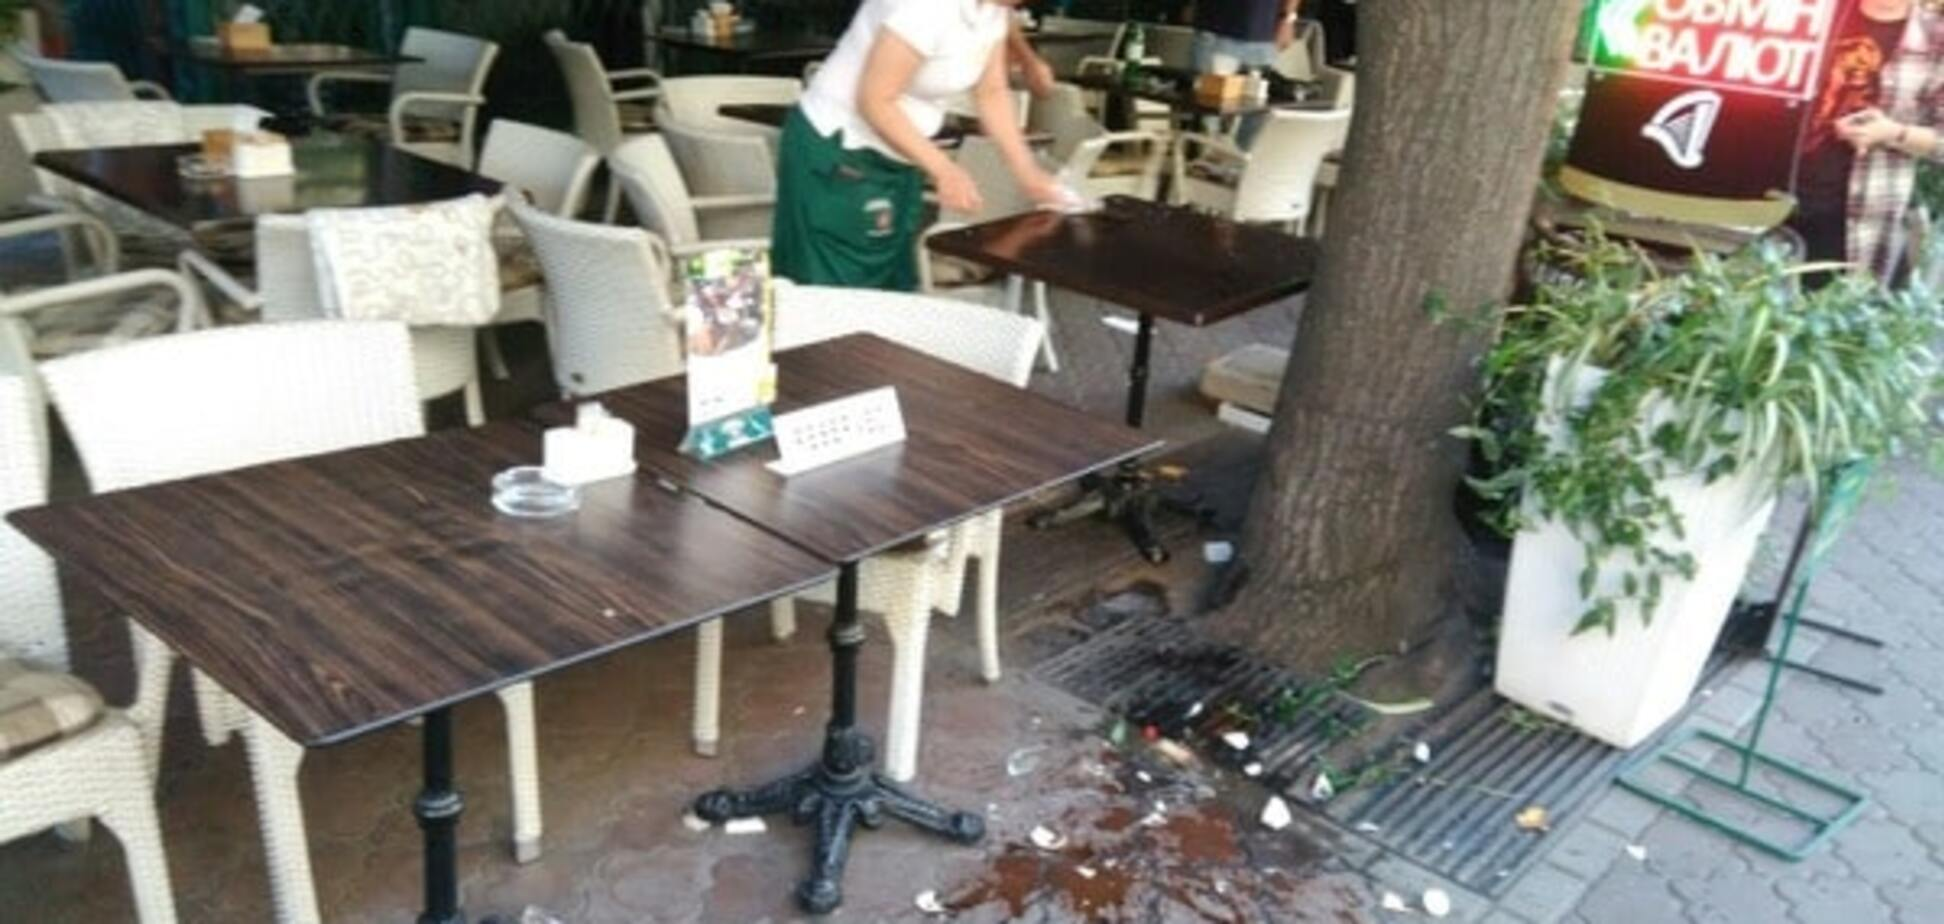 Скандал в Одессе: полиция арестовала украинских фанатов за избиение турецких болельщиков